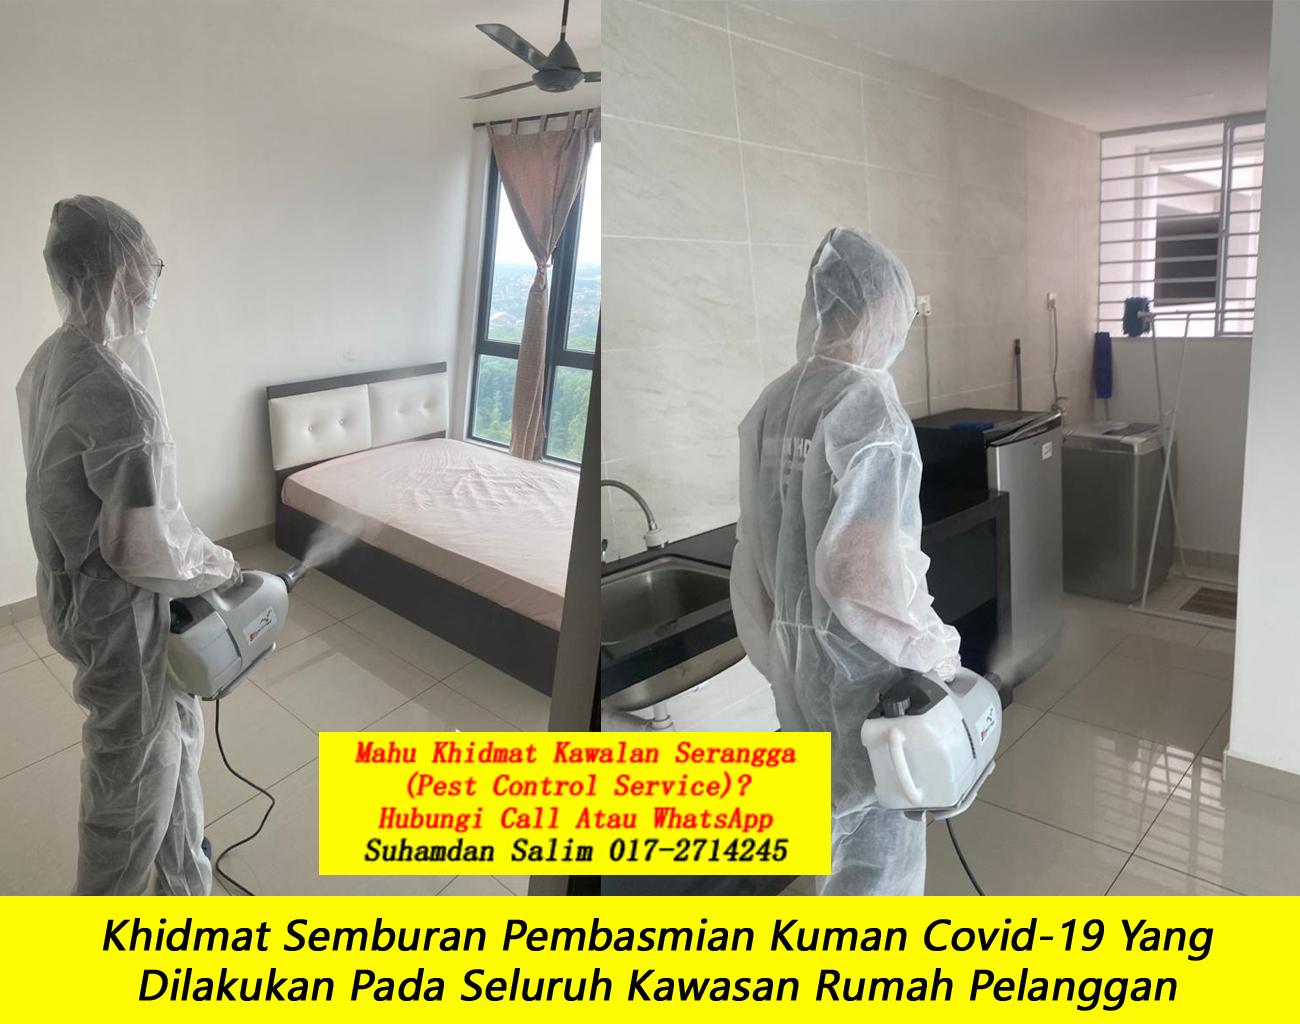 khidmat sanitizing membasmi kuman Covid-19 Disinfection Service semburan membasmi kuman covid 19 paling berkesan dengan harga berpatutan the best service covid-19 senai felda